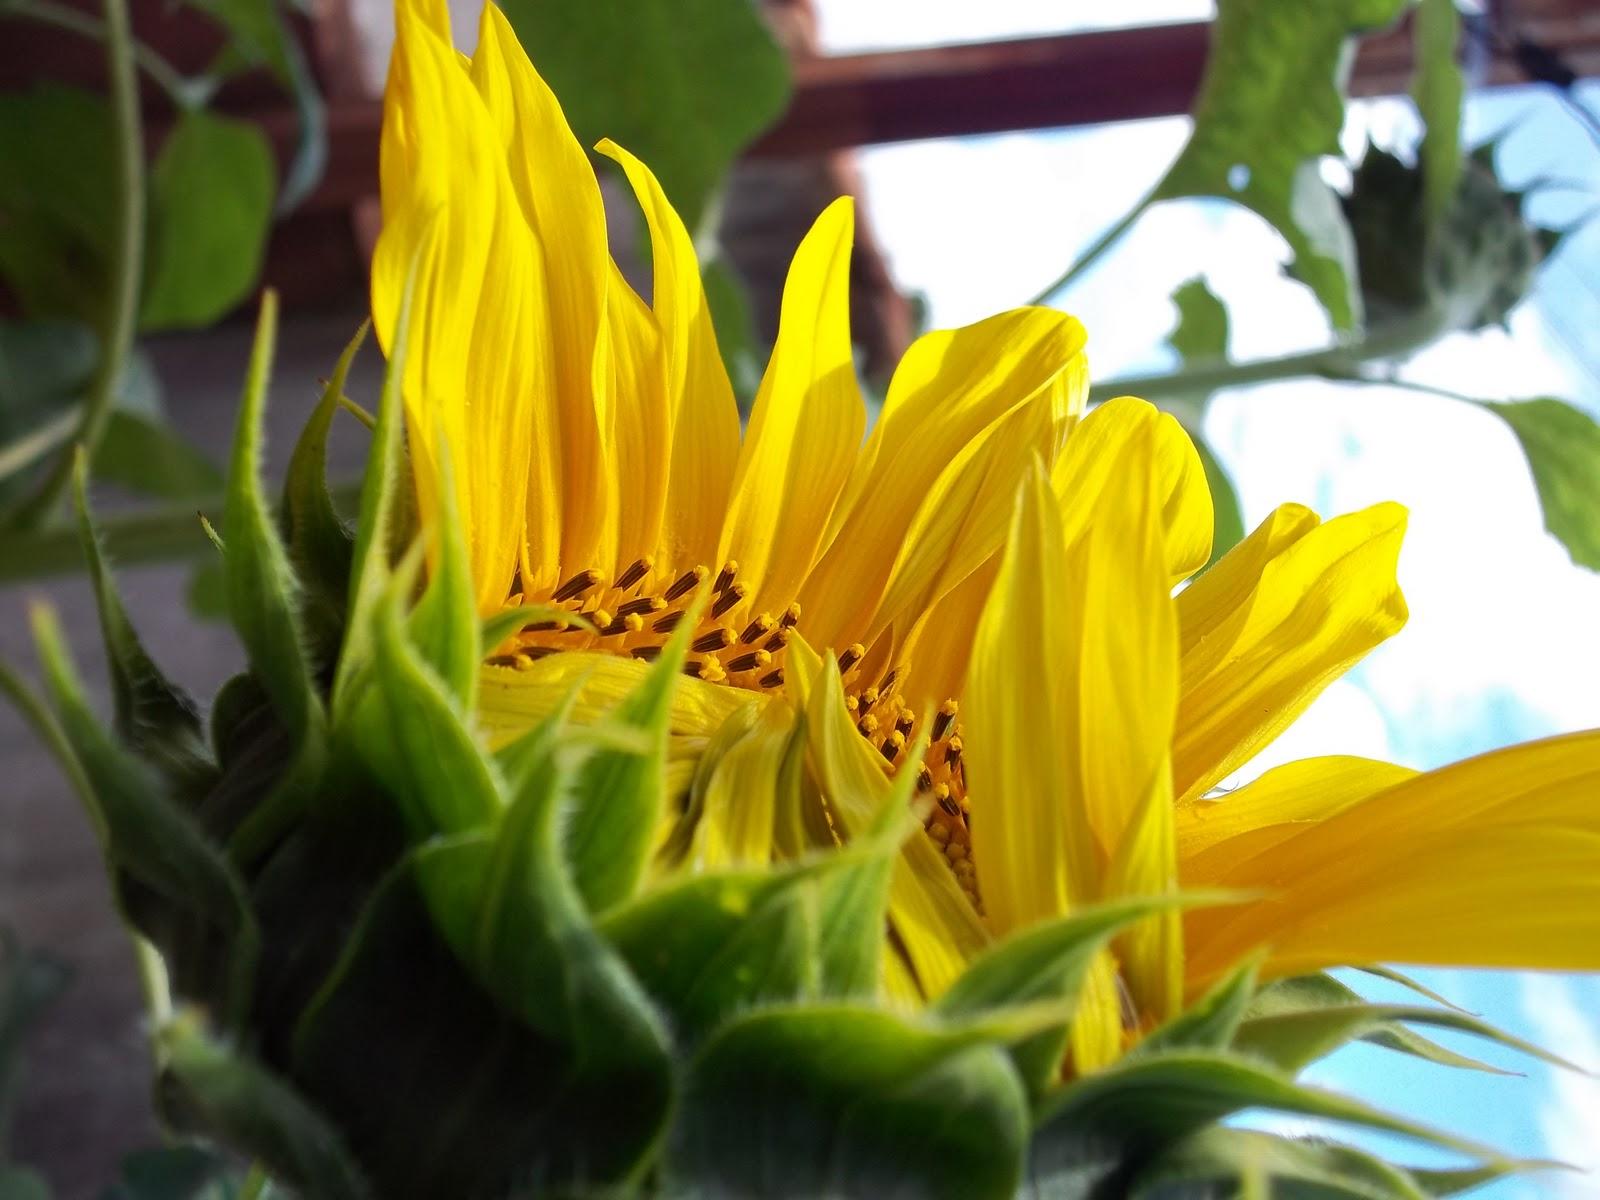 Os Poderosos Podem Matar Uma Duas Ou Três Rosas Mas Jamais Conseguirão Deter A Primavera Inteira: Dom Bosco Através Do Meu Olhar Digital: O Encanto E A